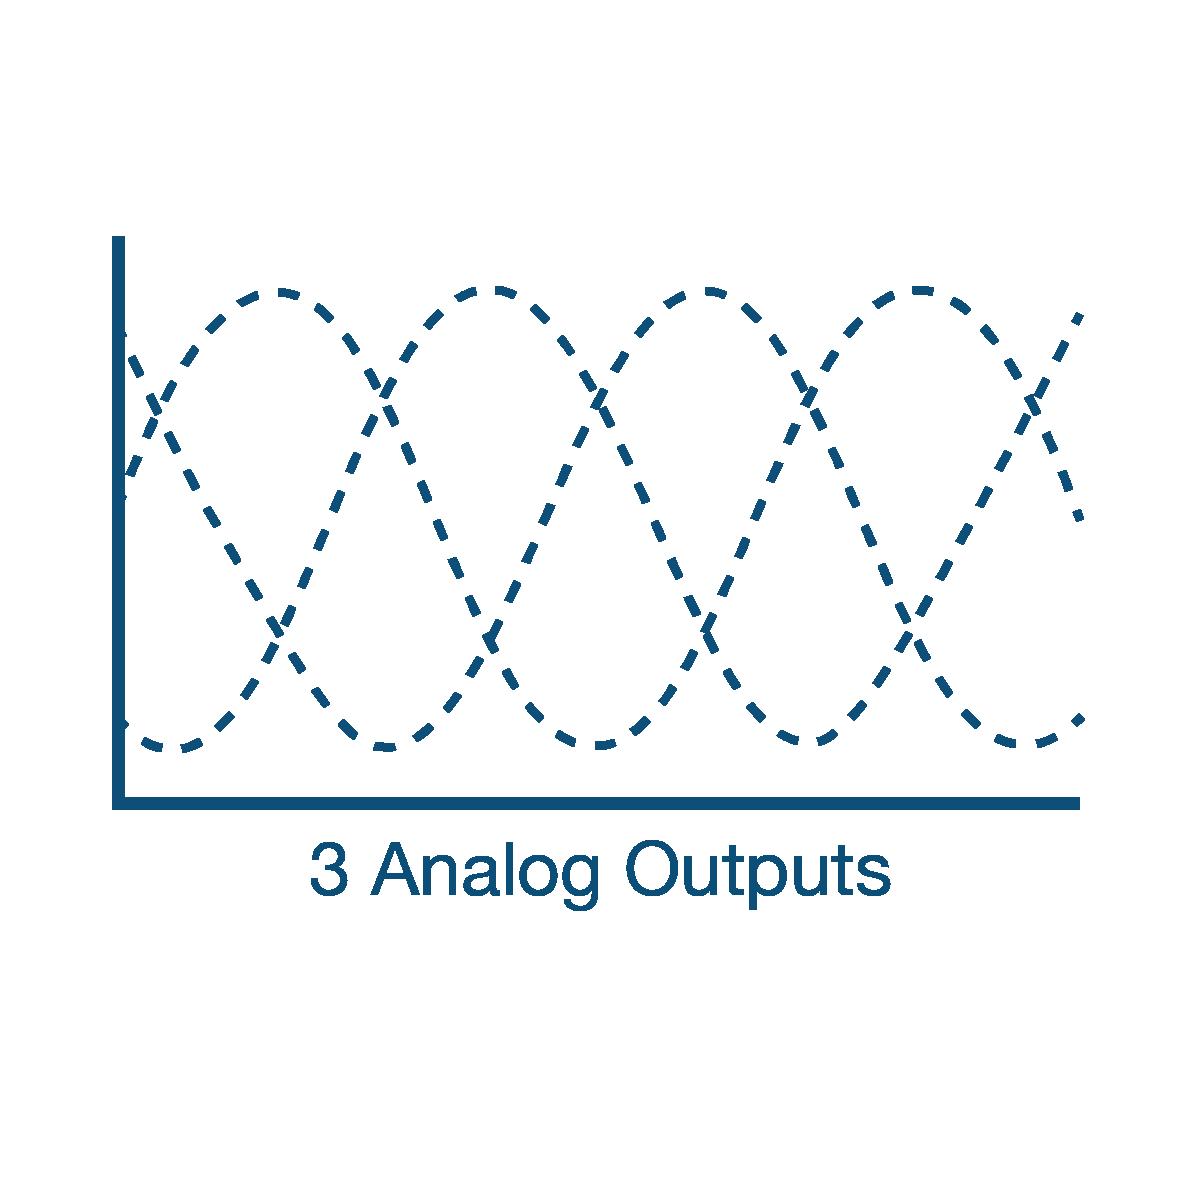 3 Analog Outputs